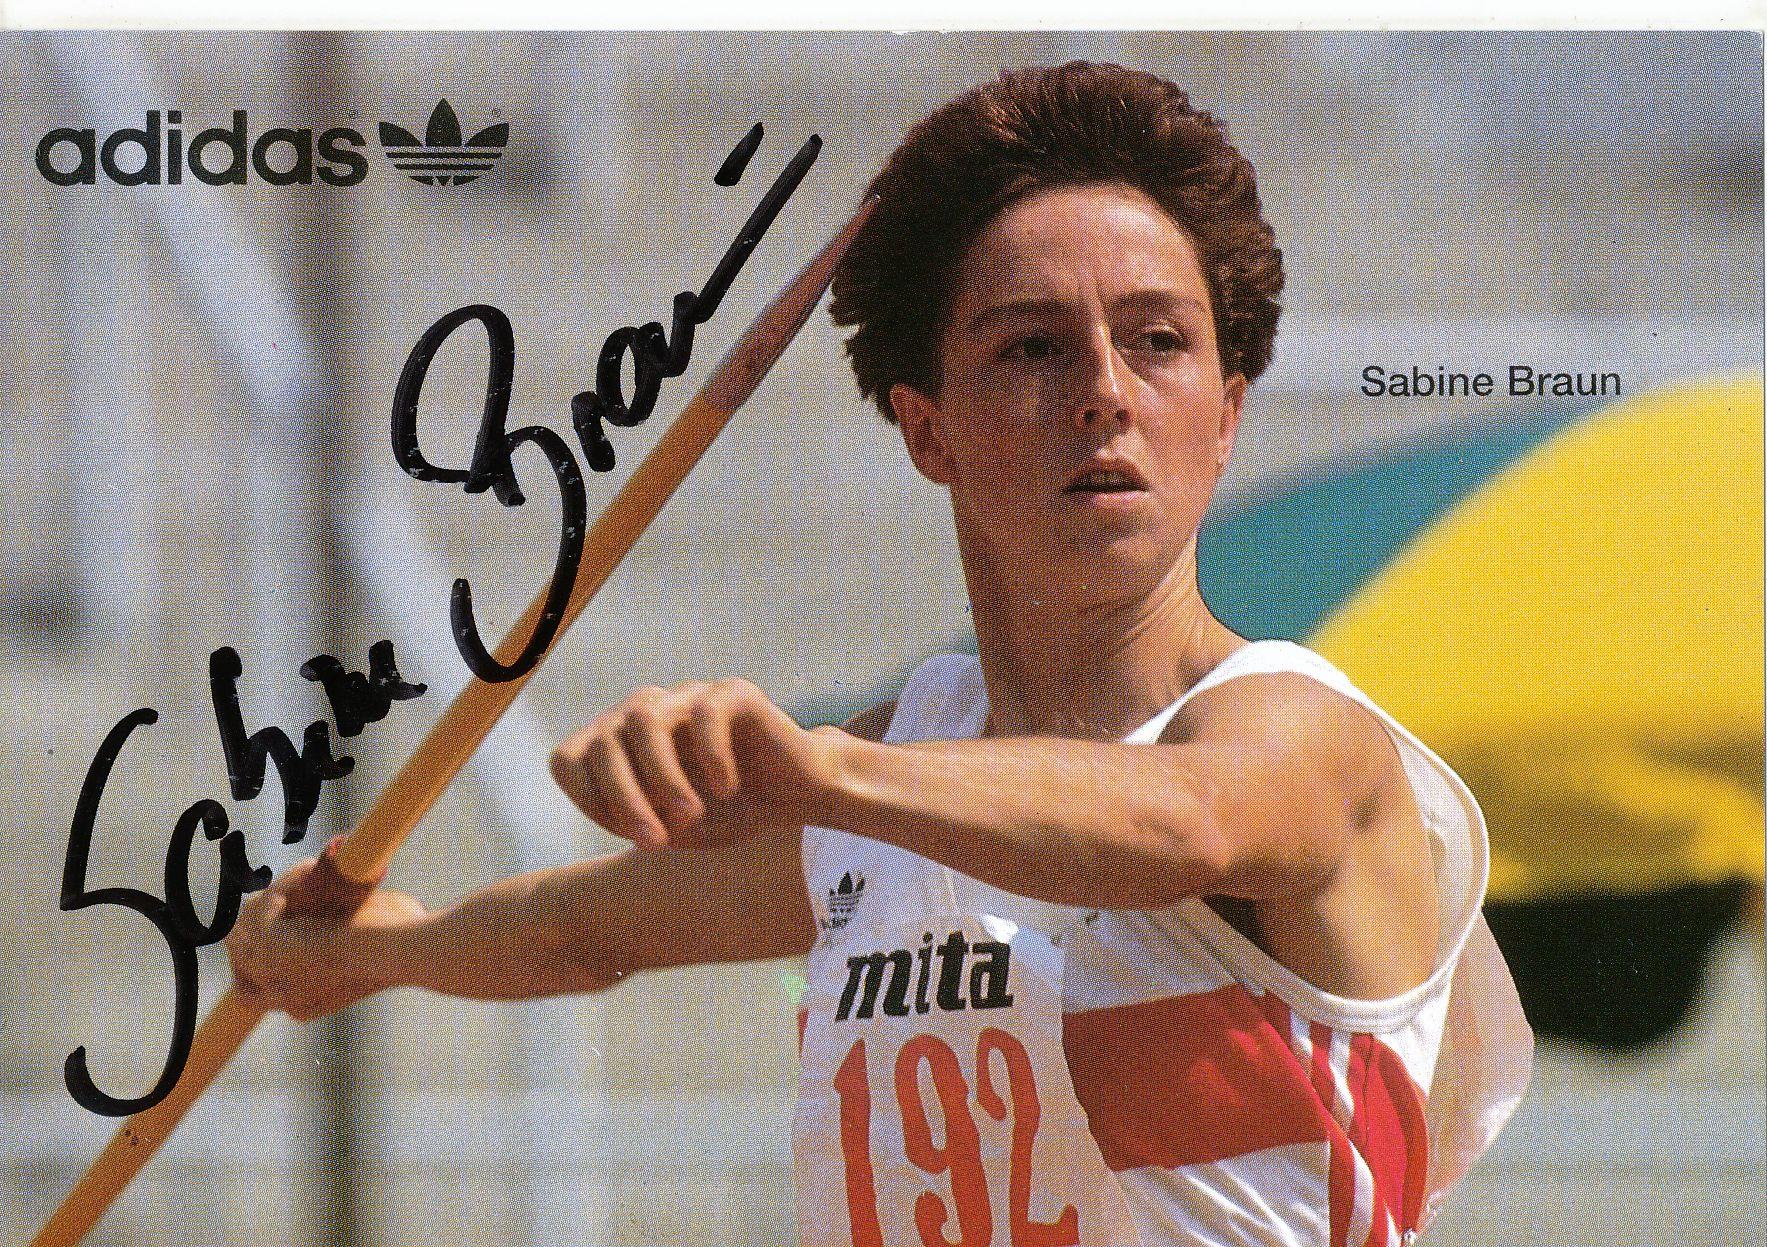 Kelocks Autogramme Sabine Braun Leichtathletik Autogrammkarte Original Signiert Online Kaufen